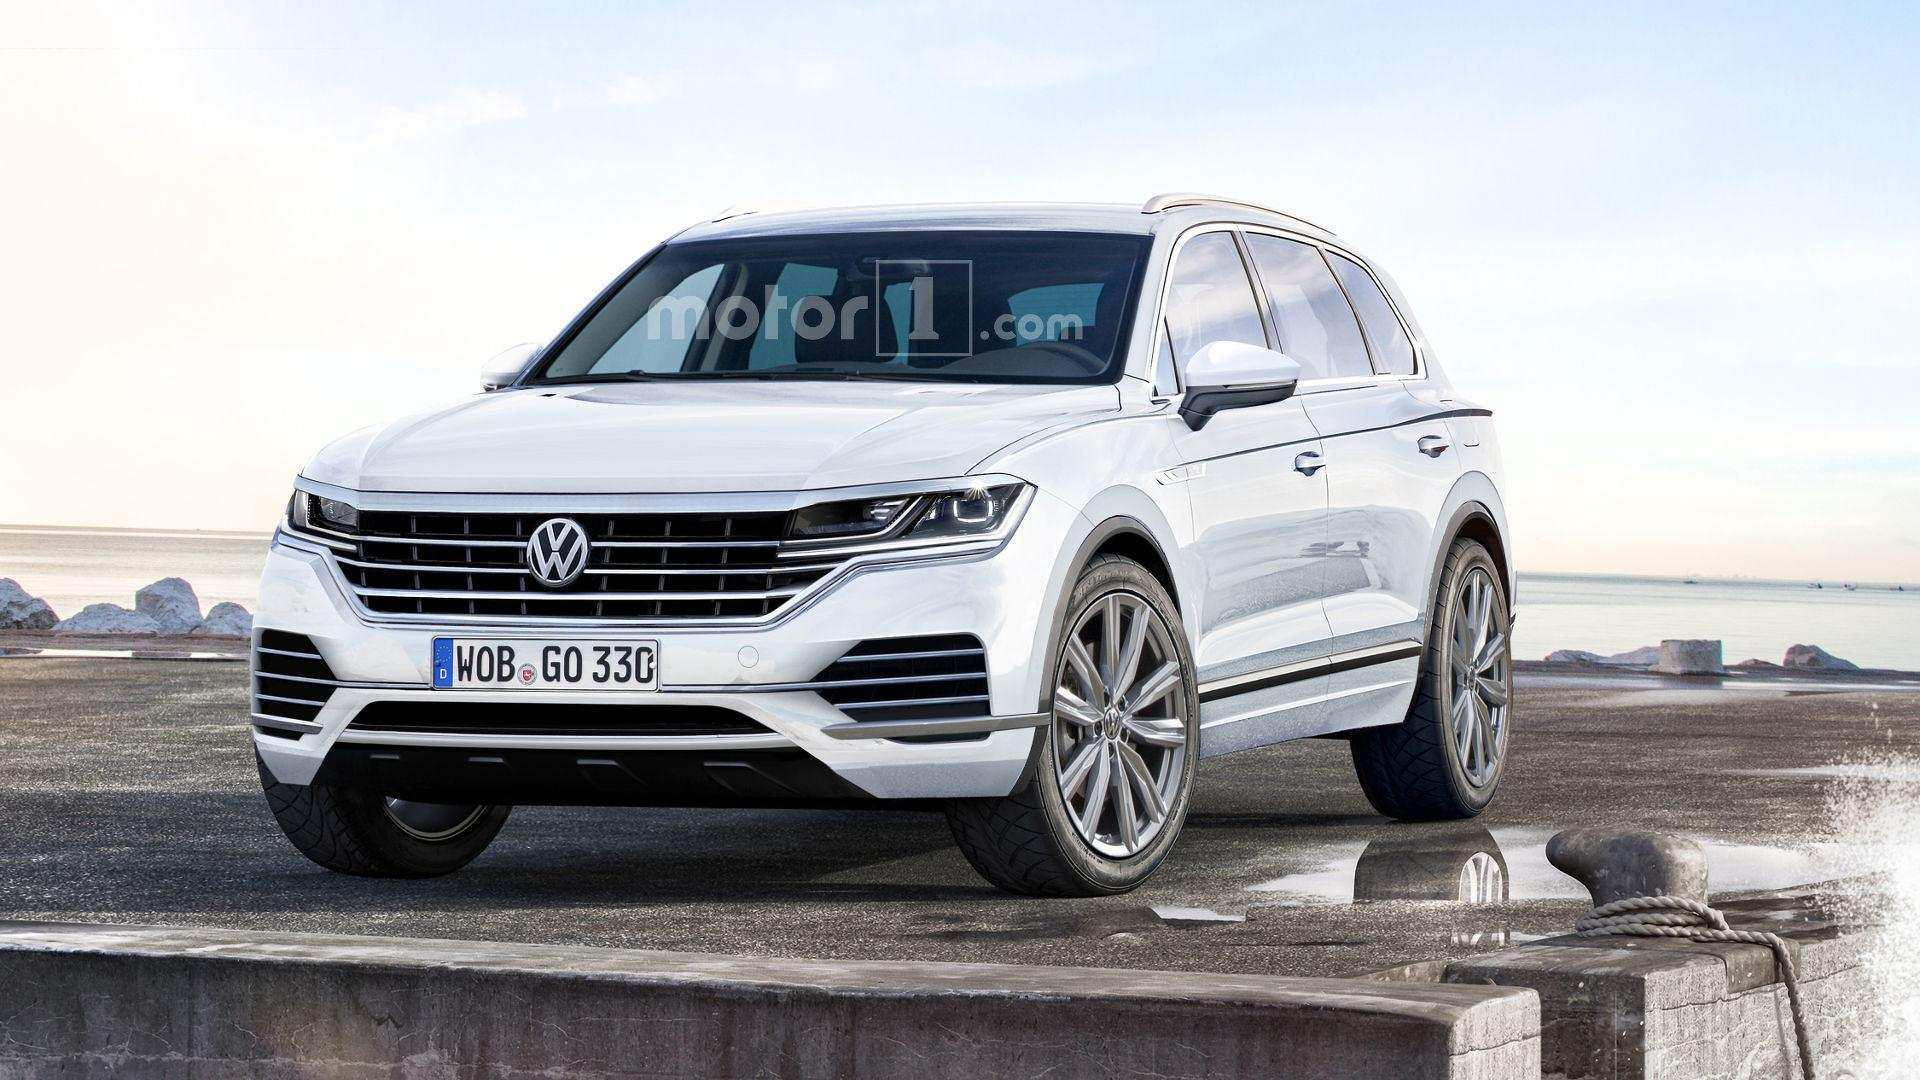 63 New 2020 VW Touareg Concept by 2020 VW Touareg